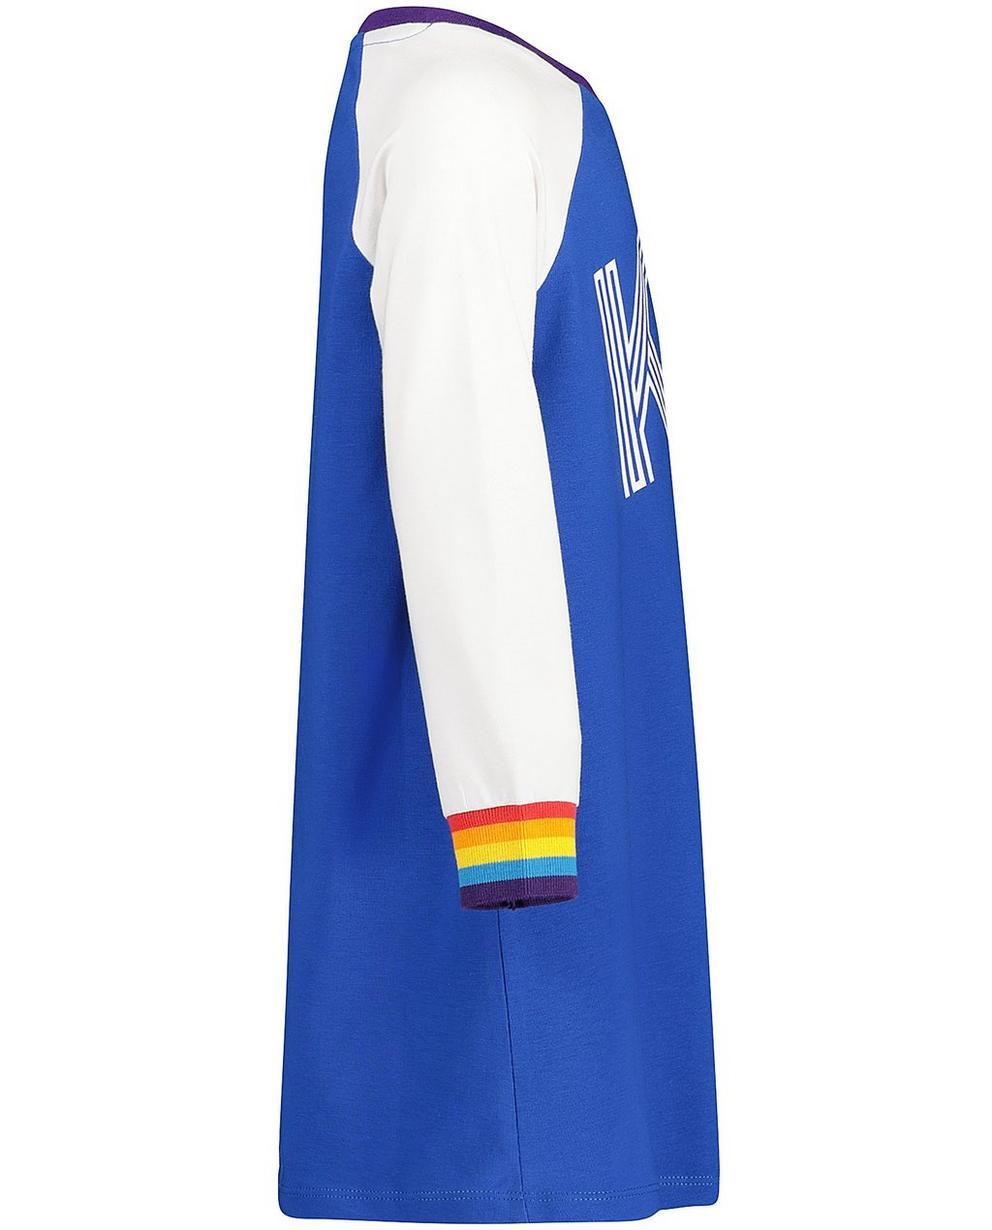 Nachtwäsche - Aqua - Kleid mit Aufschrift